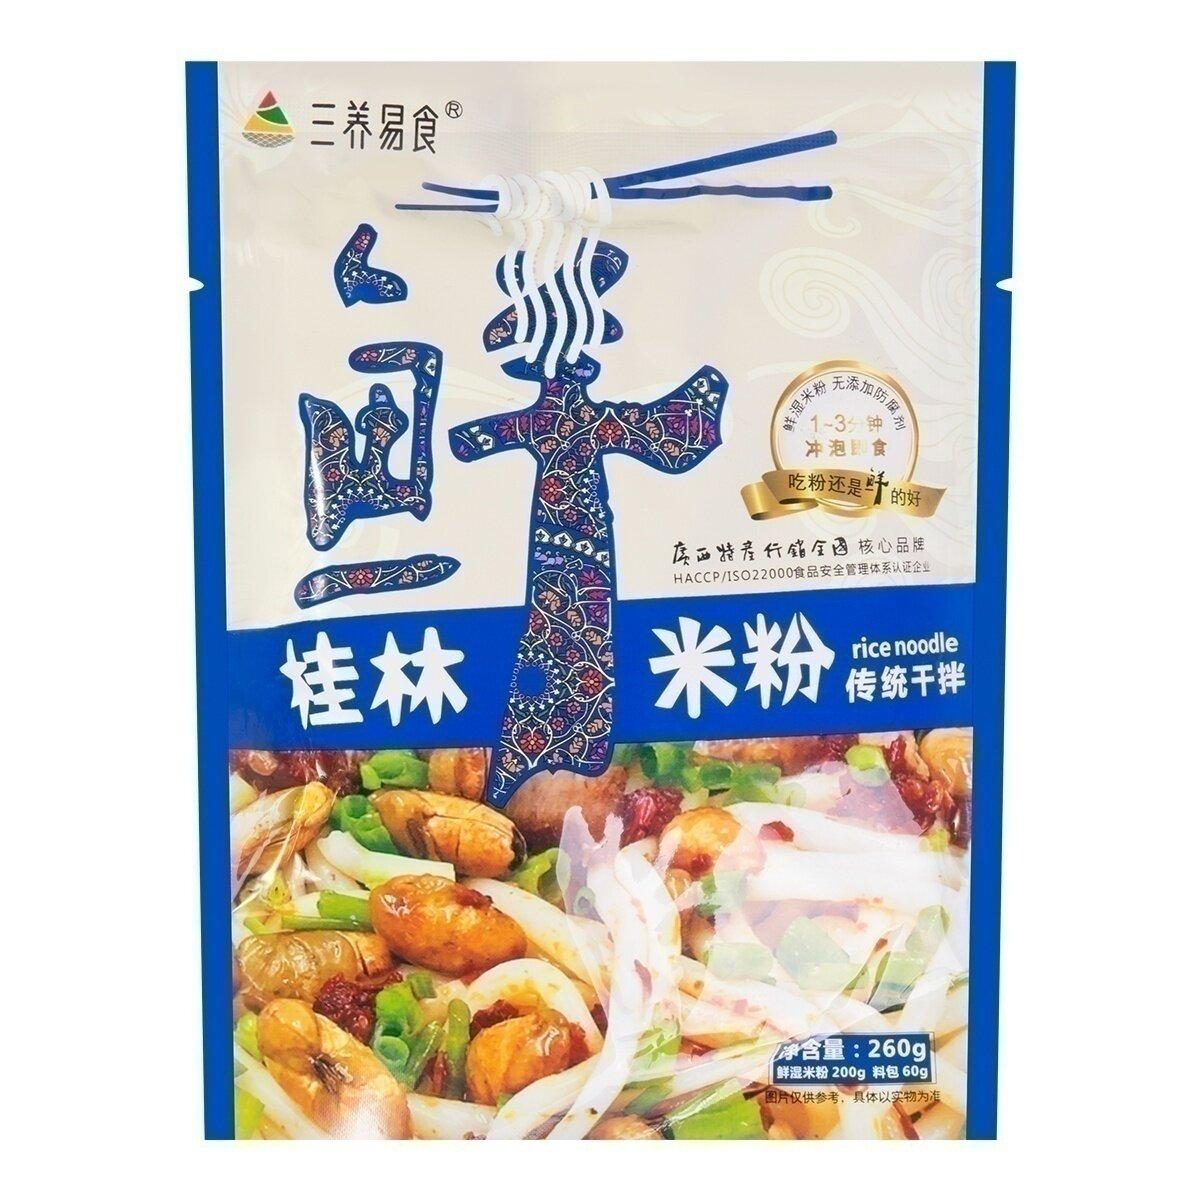 三养益食桂林米粉 SANYANG YISHI Rice Noodle 332g